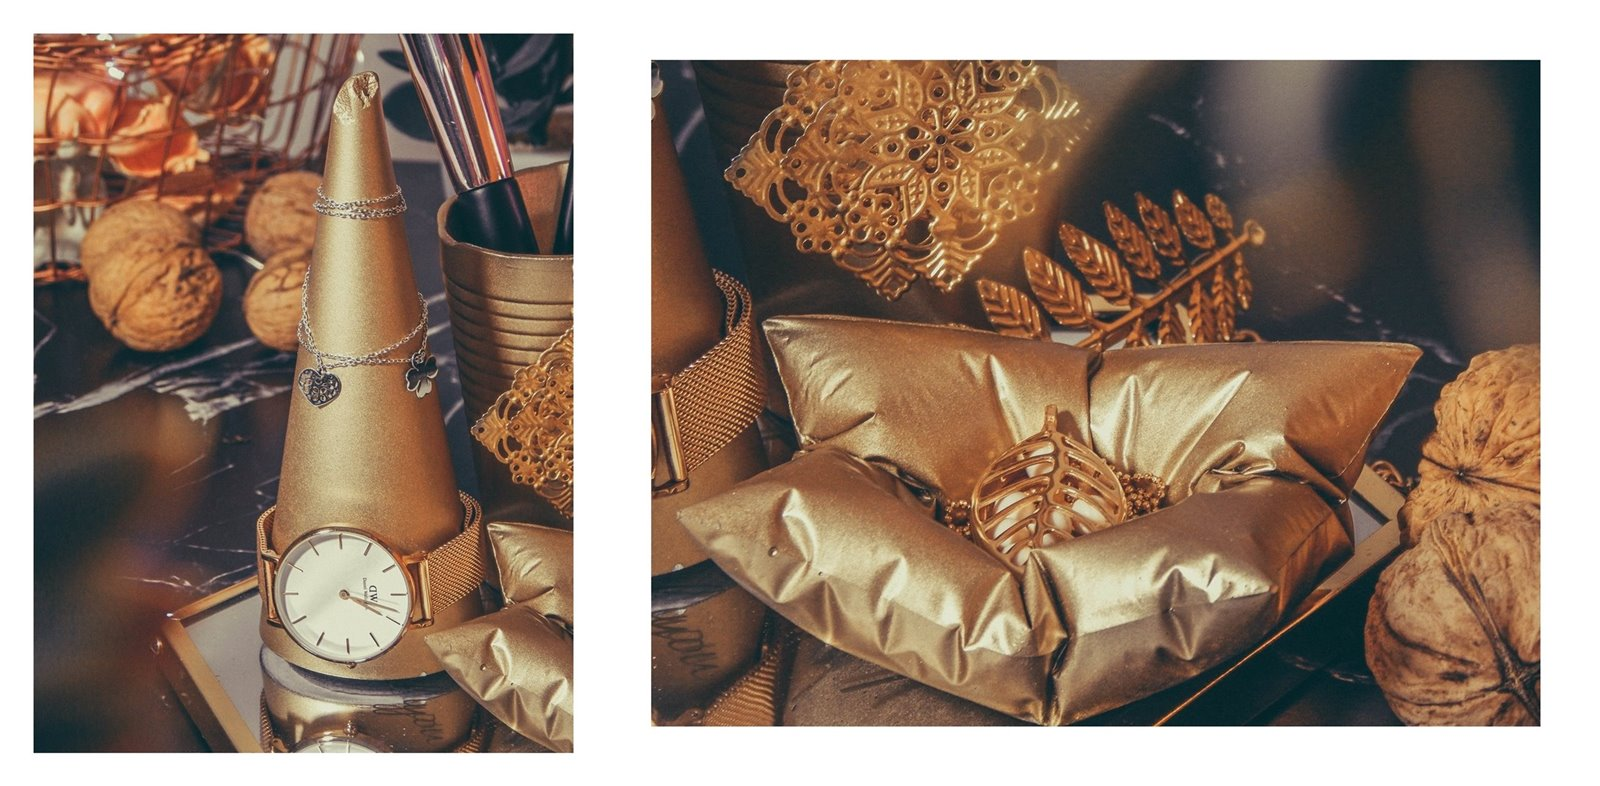 6a contit stylowe złote dodatki do wnętrz stojak na bizuterię jak przechowywać biżuterię nowoczesne dekoracje pomysł na prezent łódzkie upominki prezenty na gwiazdkę co kupić dziewczynie na urodziny, na święta